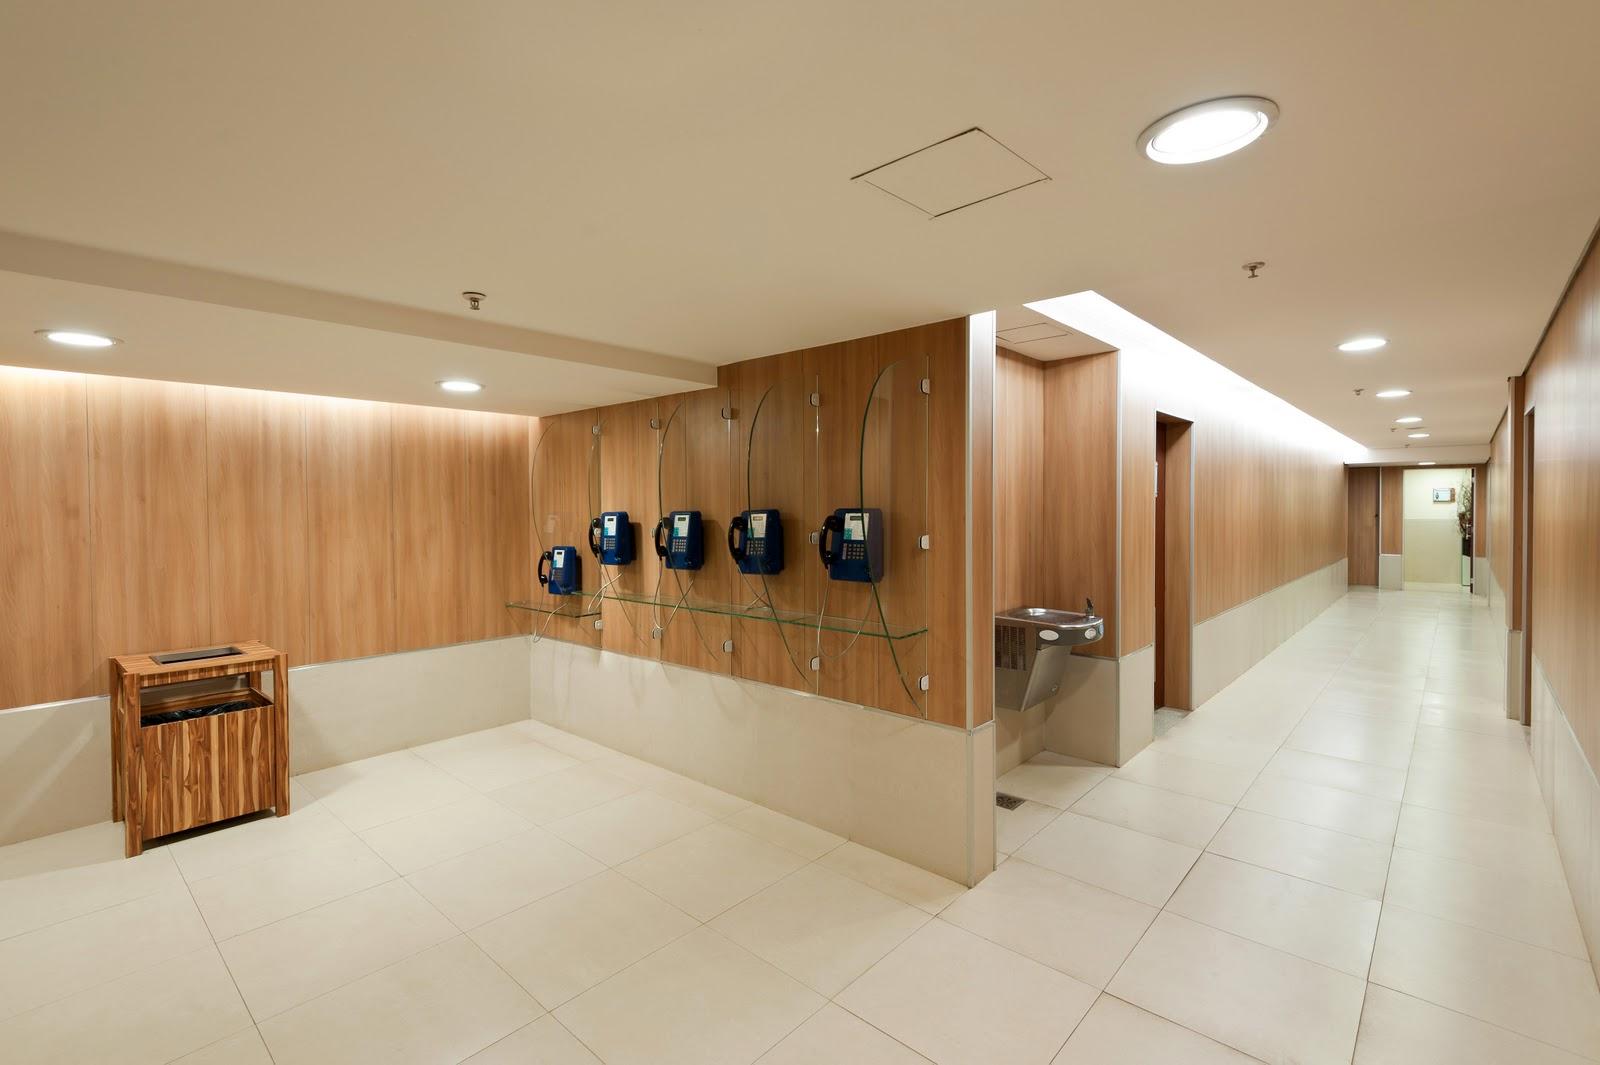 Arquiteto Daltônico: Novos banheiros do Taguatinga Shopping #714720 1600 1065